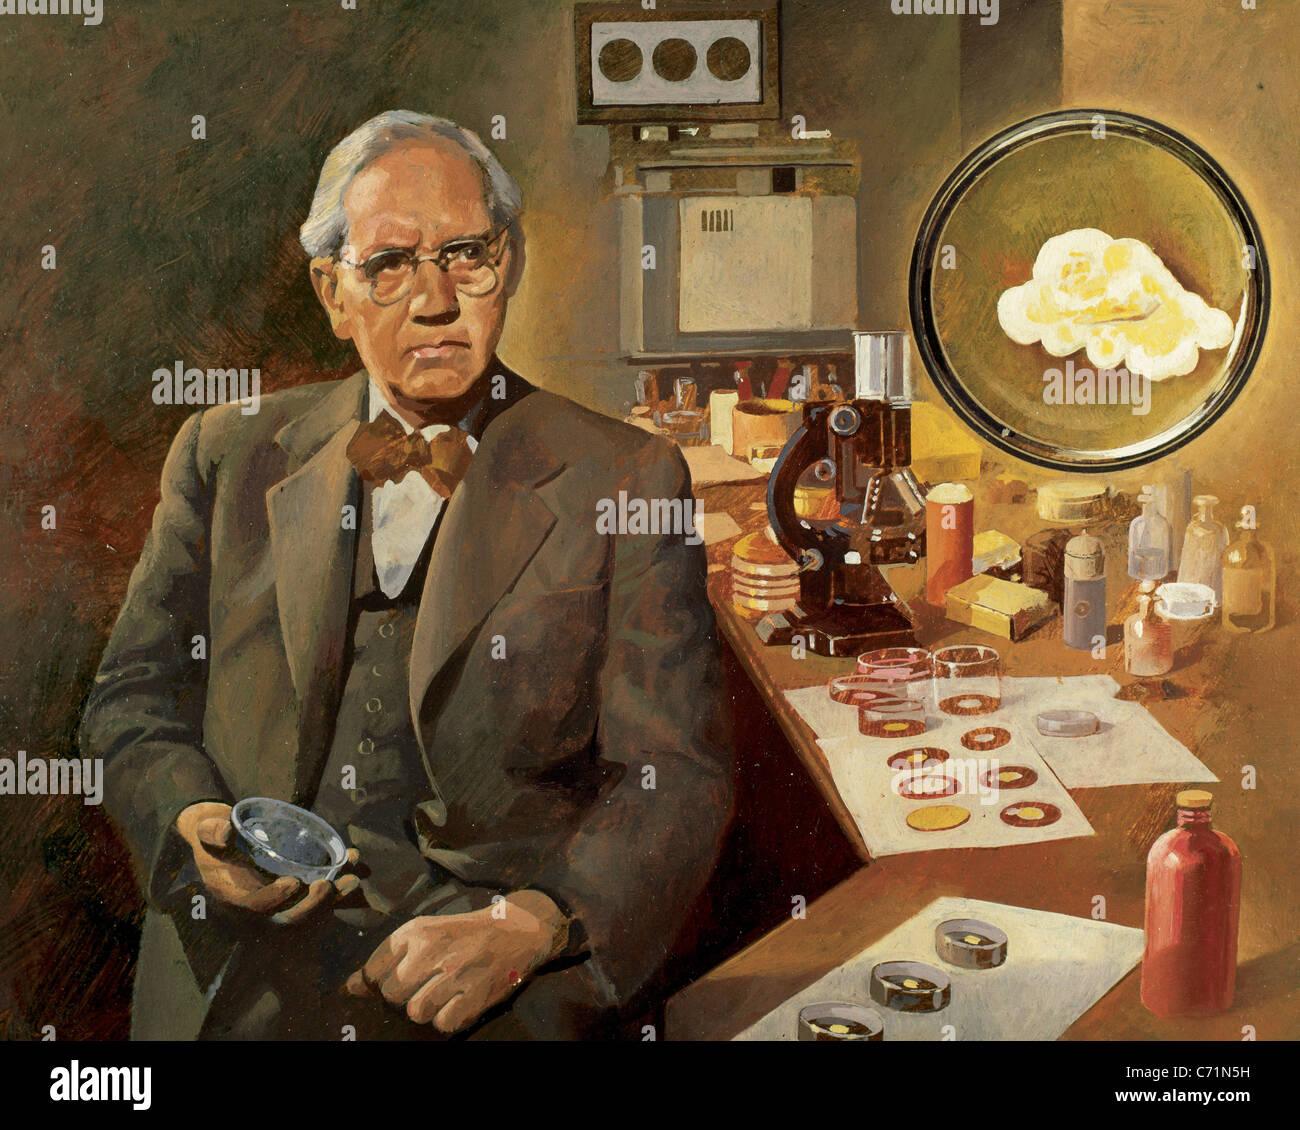 Alexander Fleming (1881-1955). British microbiologist, discoverer of penicillin (1928). Nobel Prize in 1945. - Stock Image